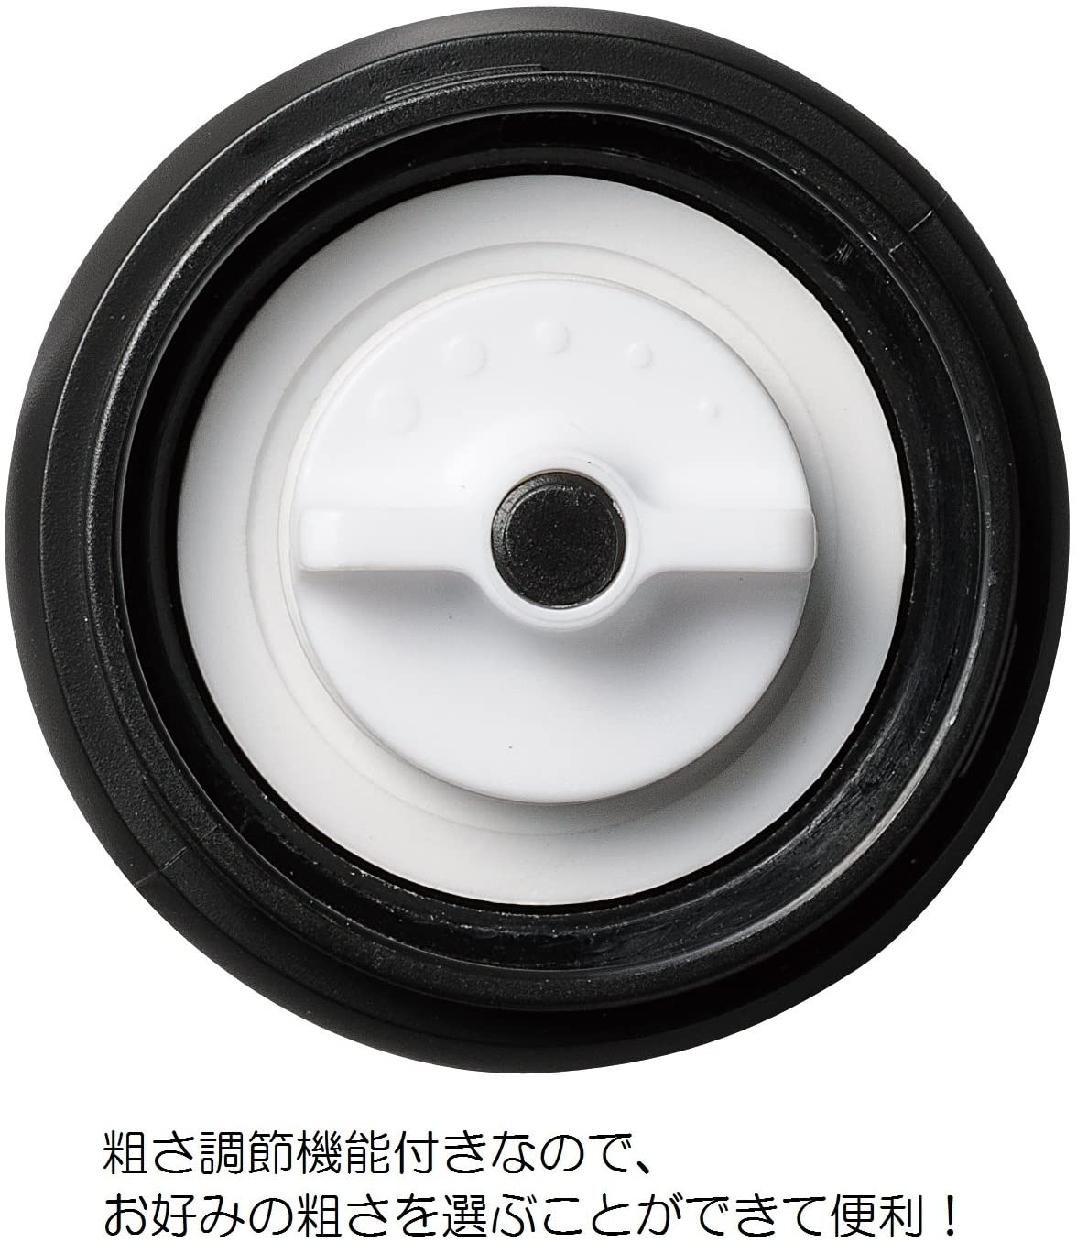 京セラ(キョウセラ)セラミックミル スパイス用の商品画像3